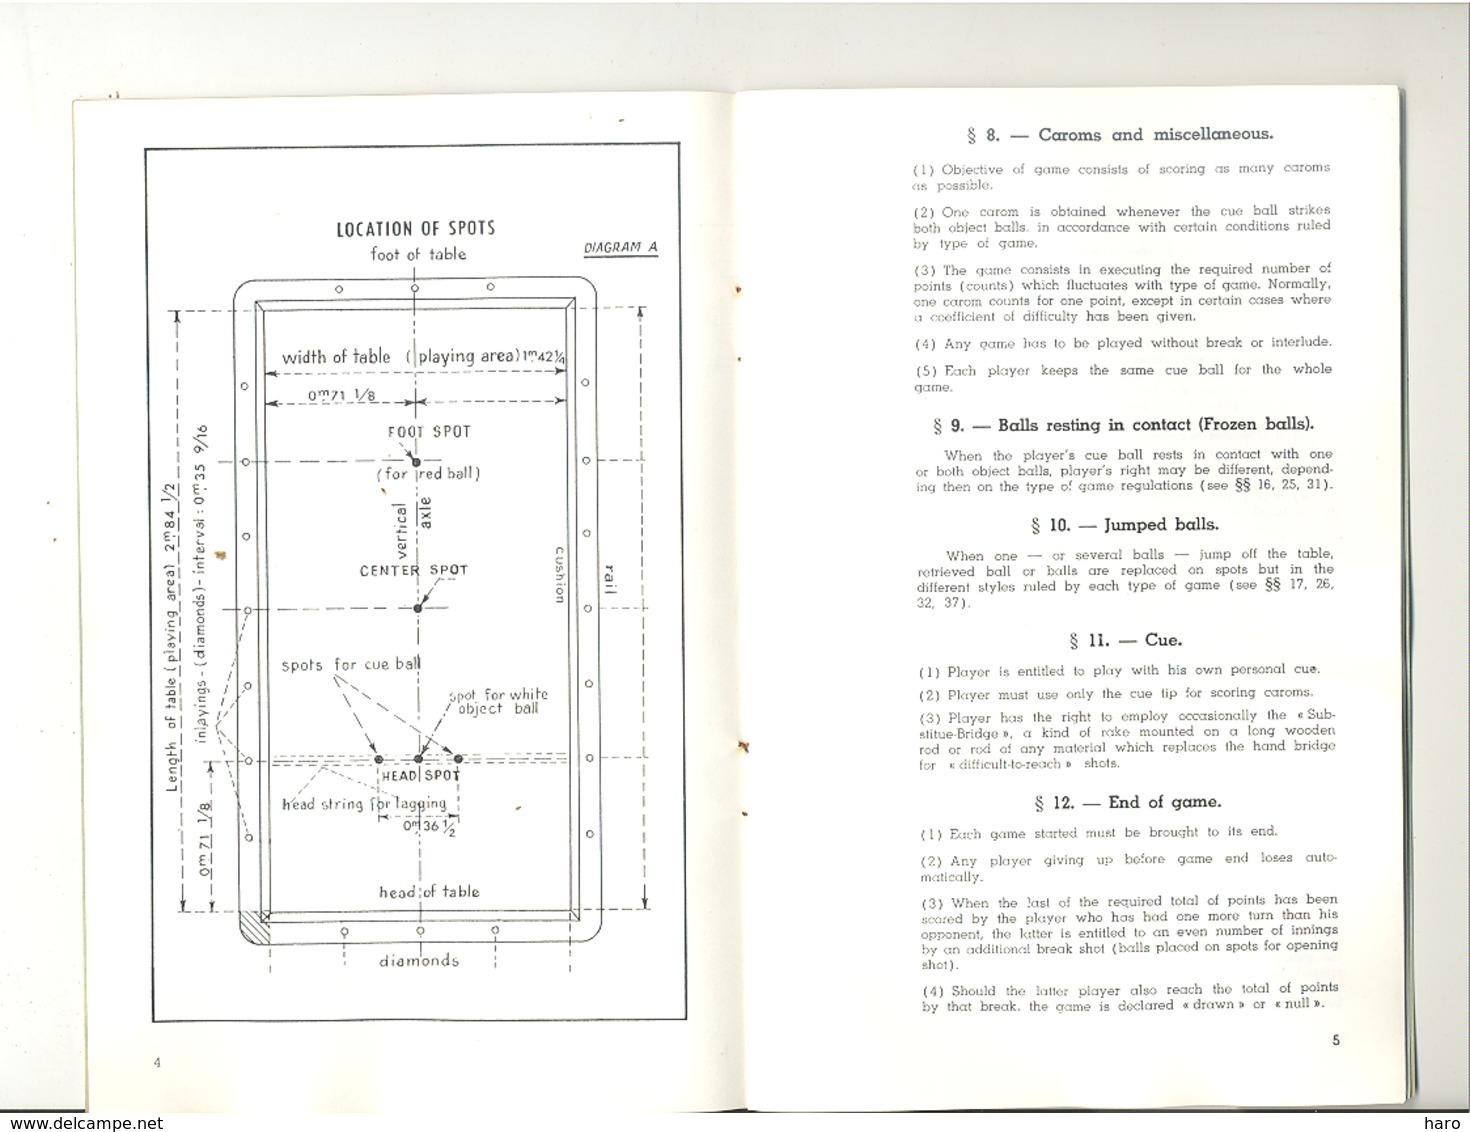 Livret - Règlement Pour Le Billard Français Ou Carambole - Rule Book For French Or Carom Billiards (jm) - Billiards